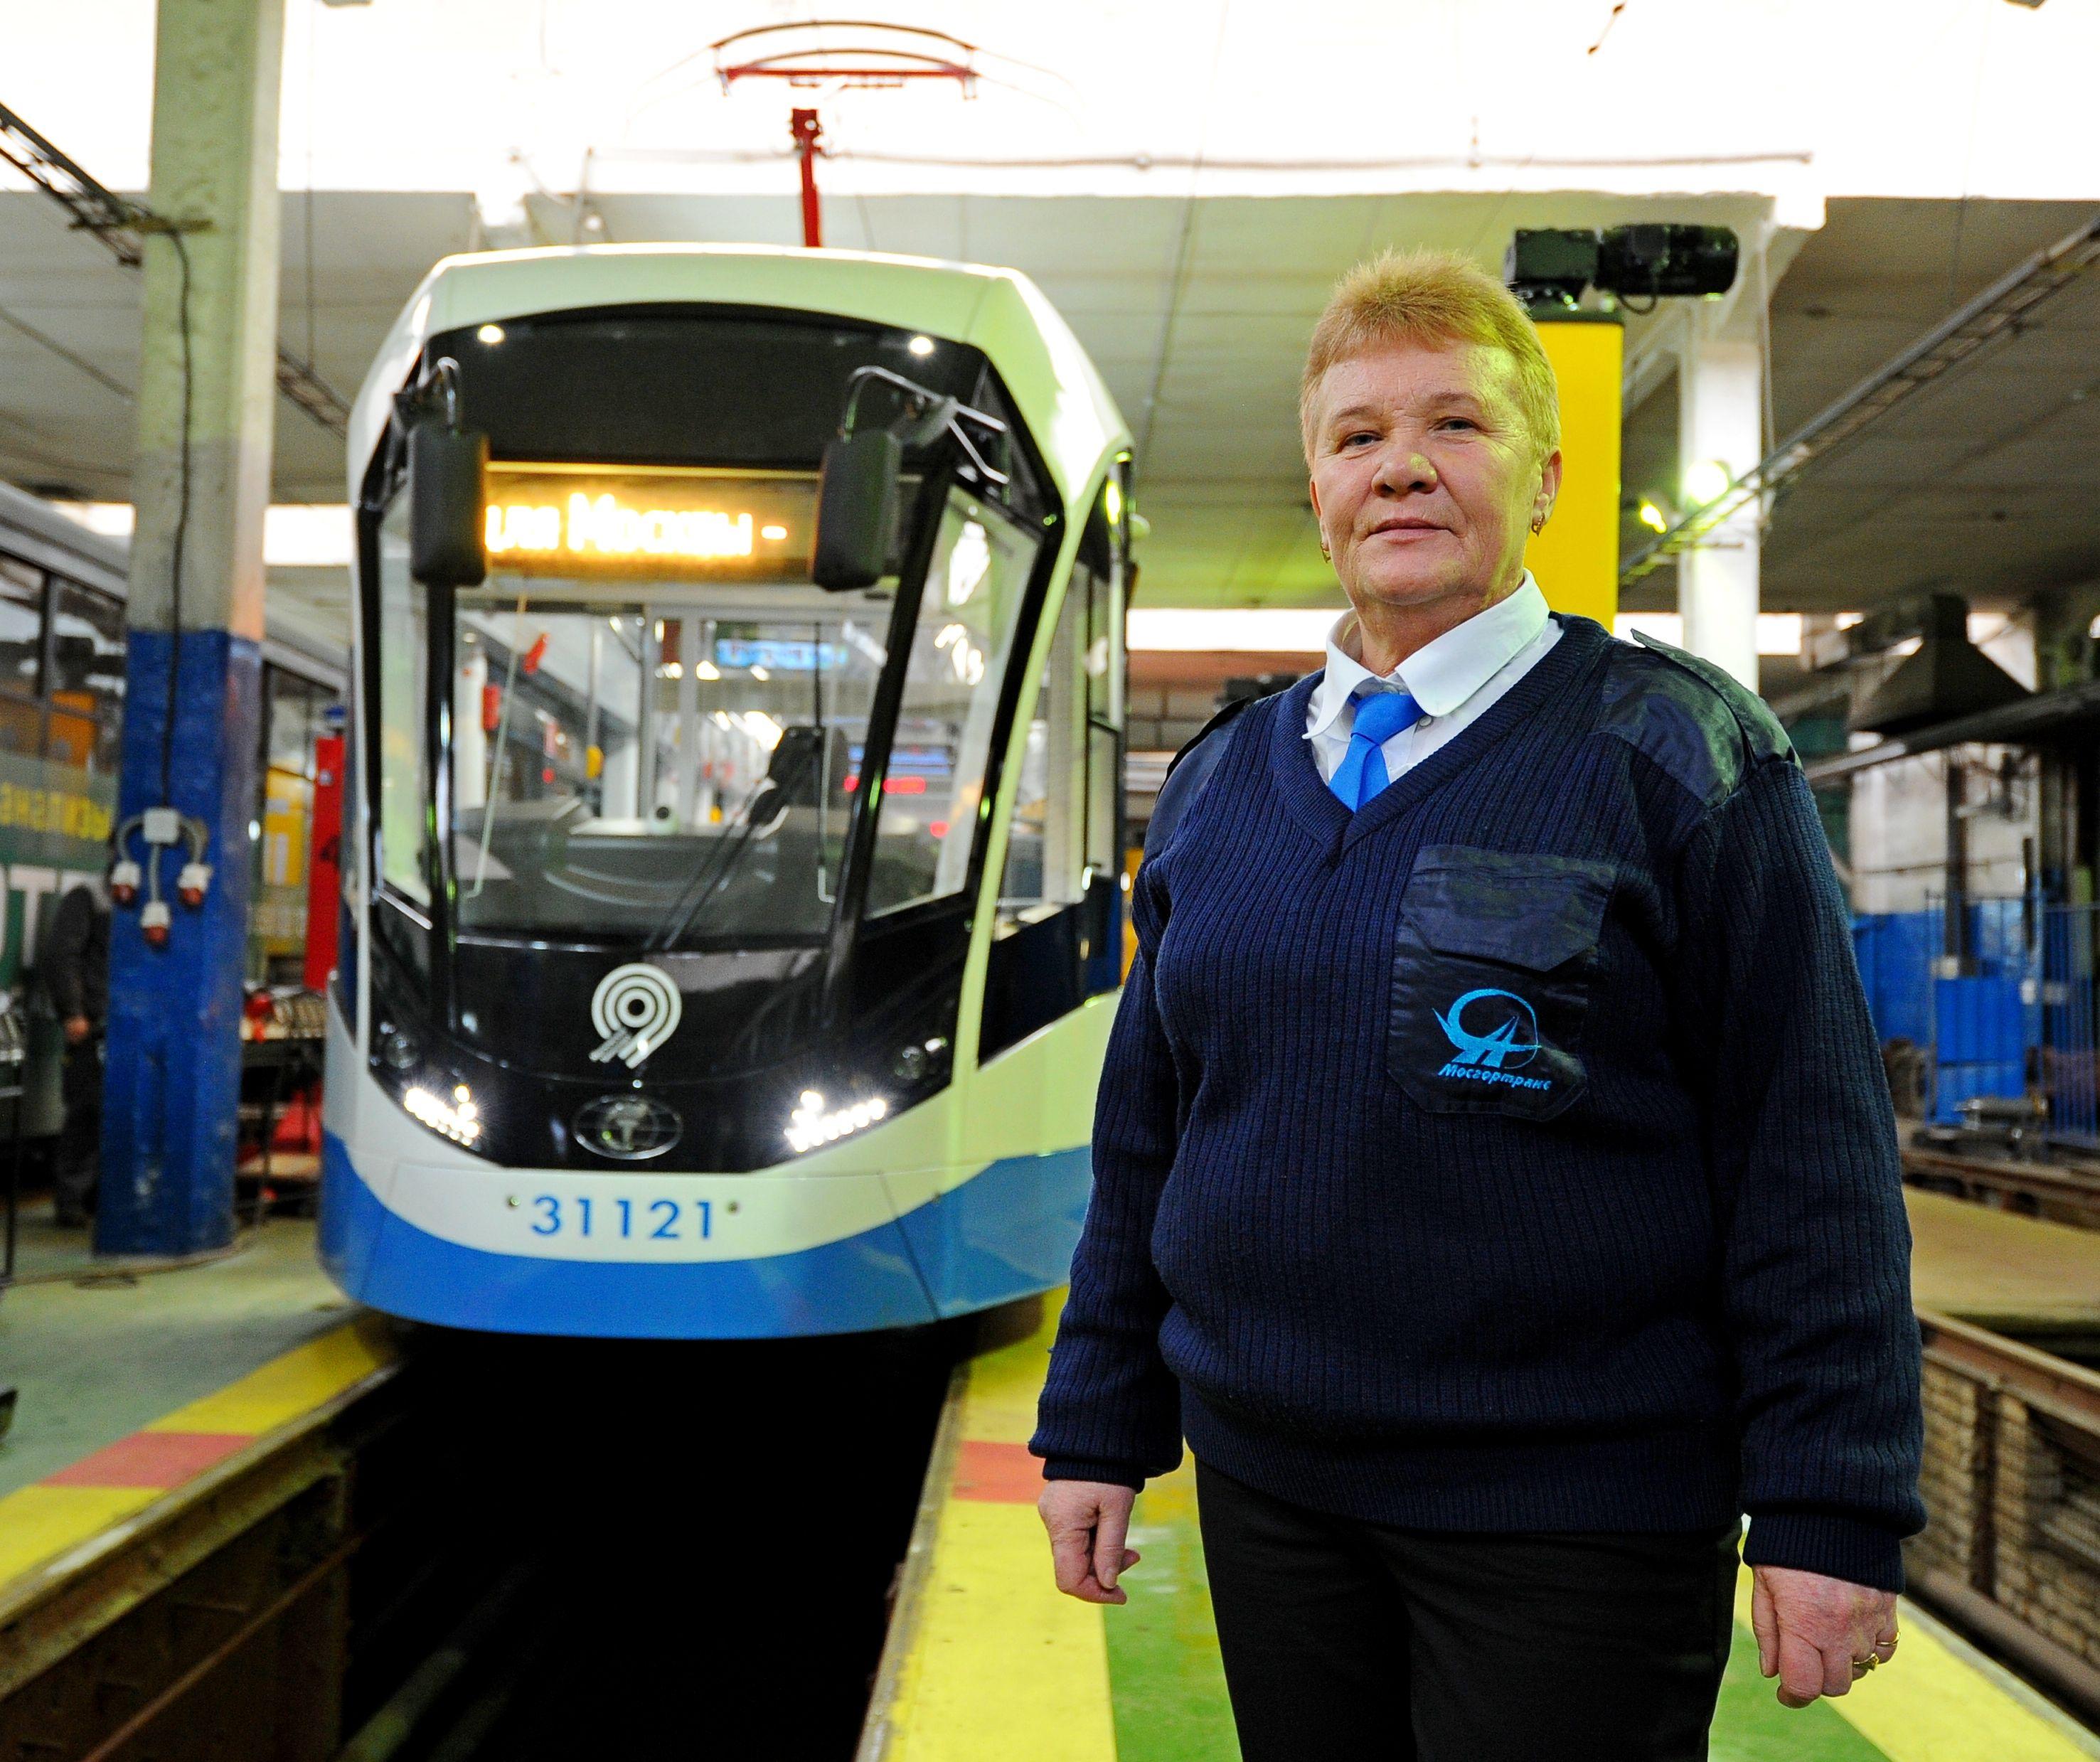 Специалисты рассказали об этапах обслуживания трамваев «Витязь-Москва»